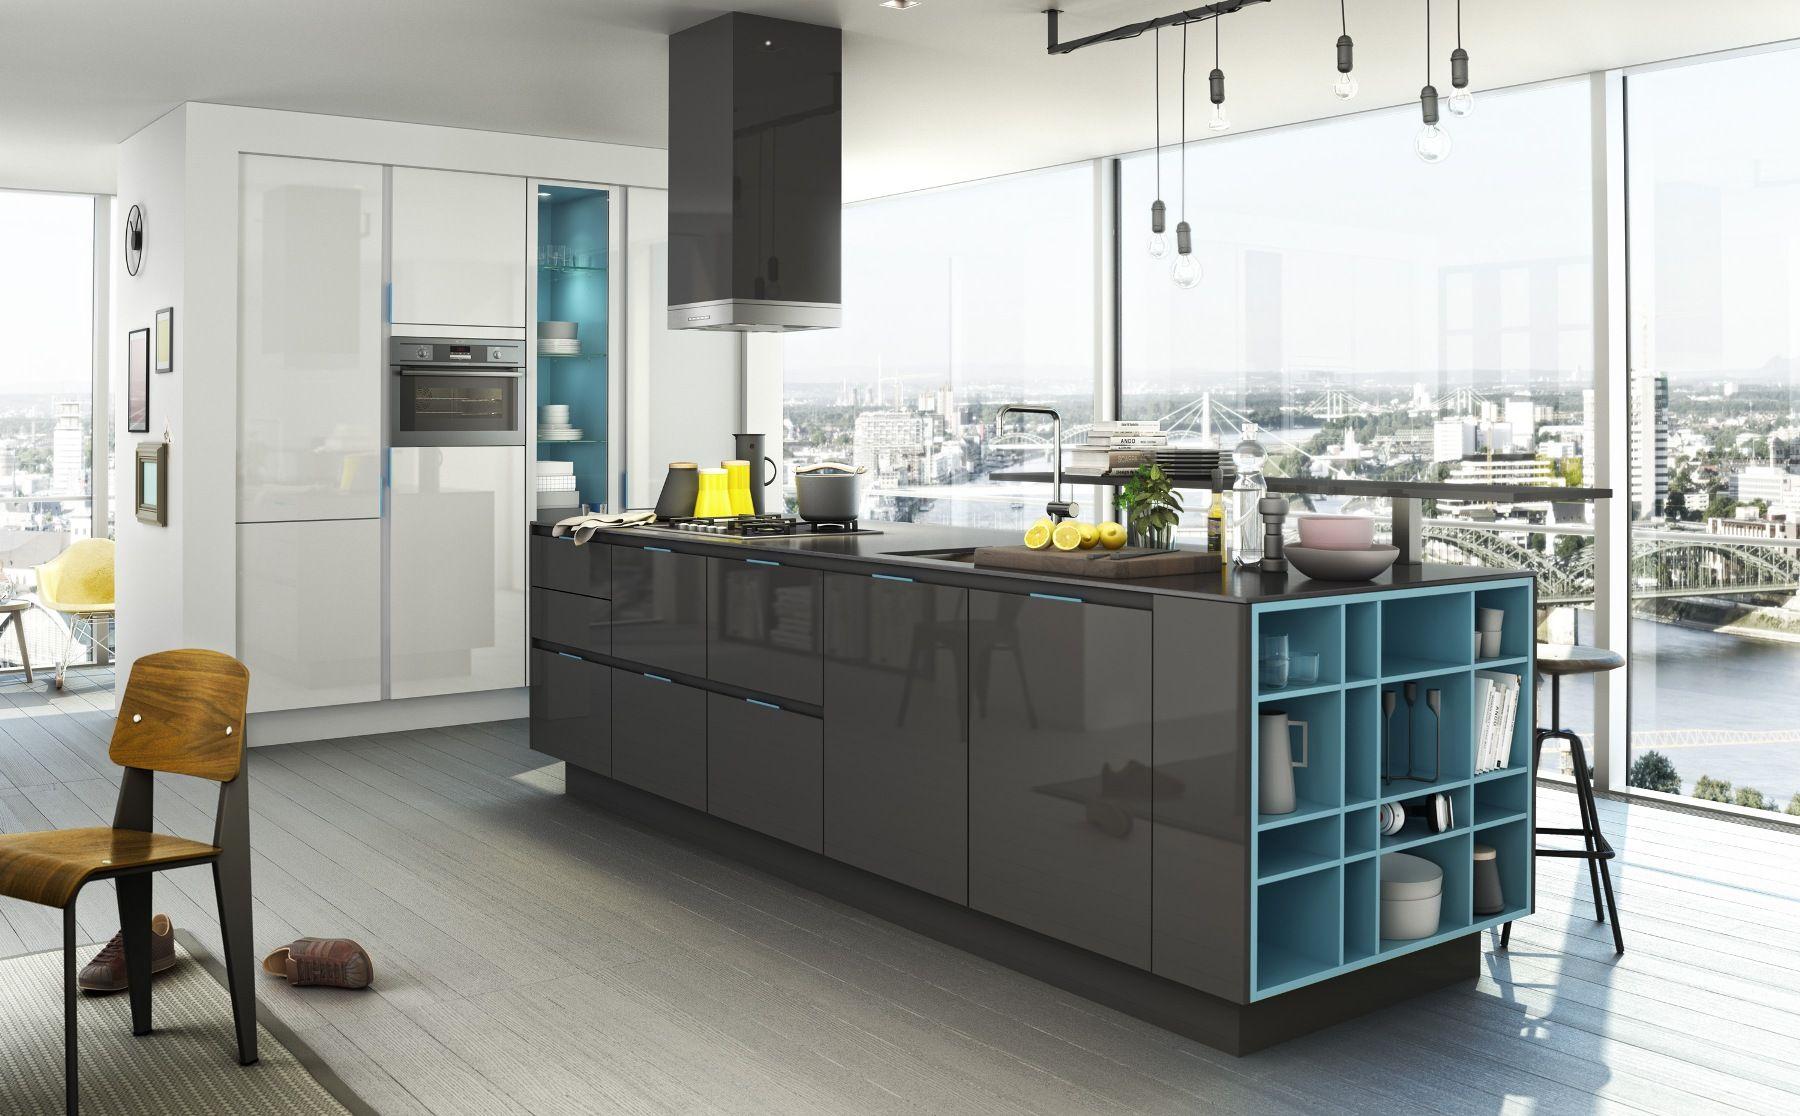 Showroomuitverkoop nl SieMatic S3 luxe design